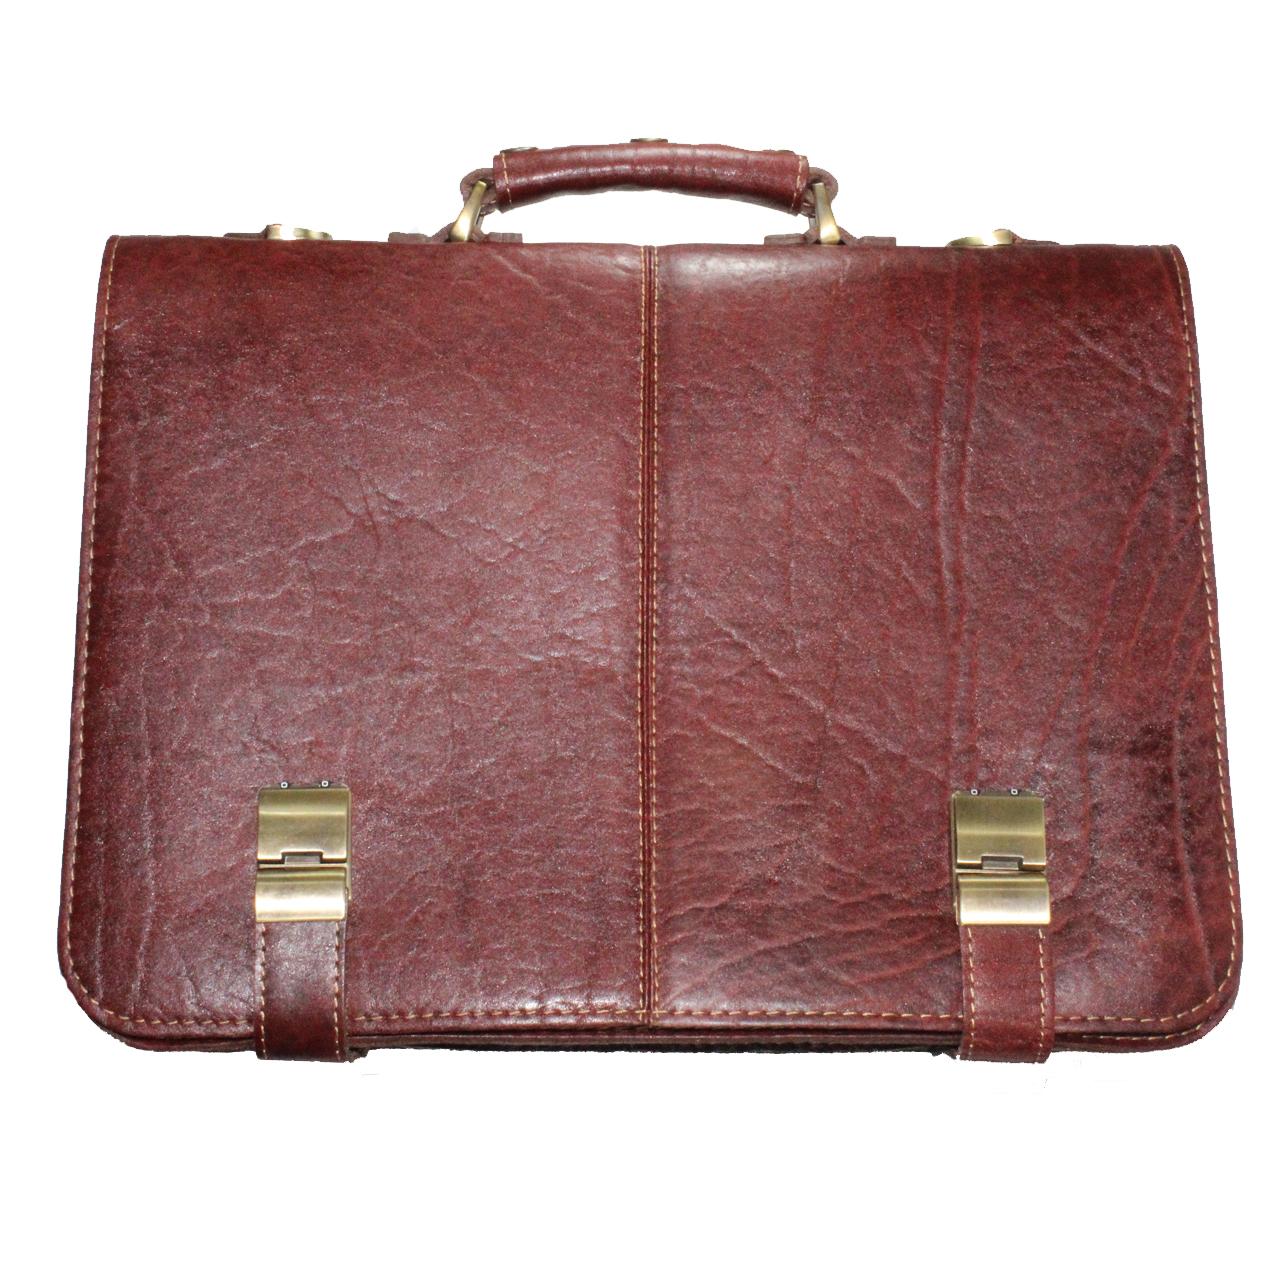 کیف اداری مردانه چرمی مدل KR 02